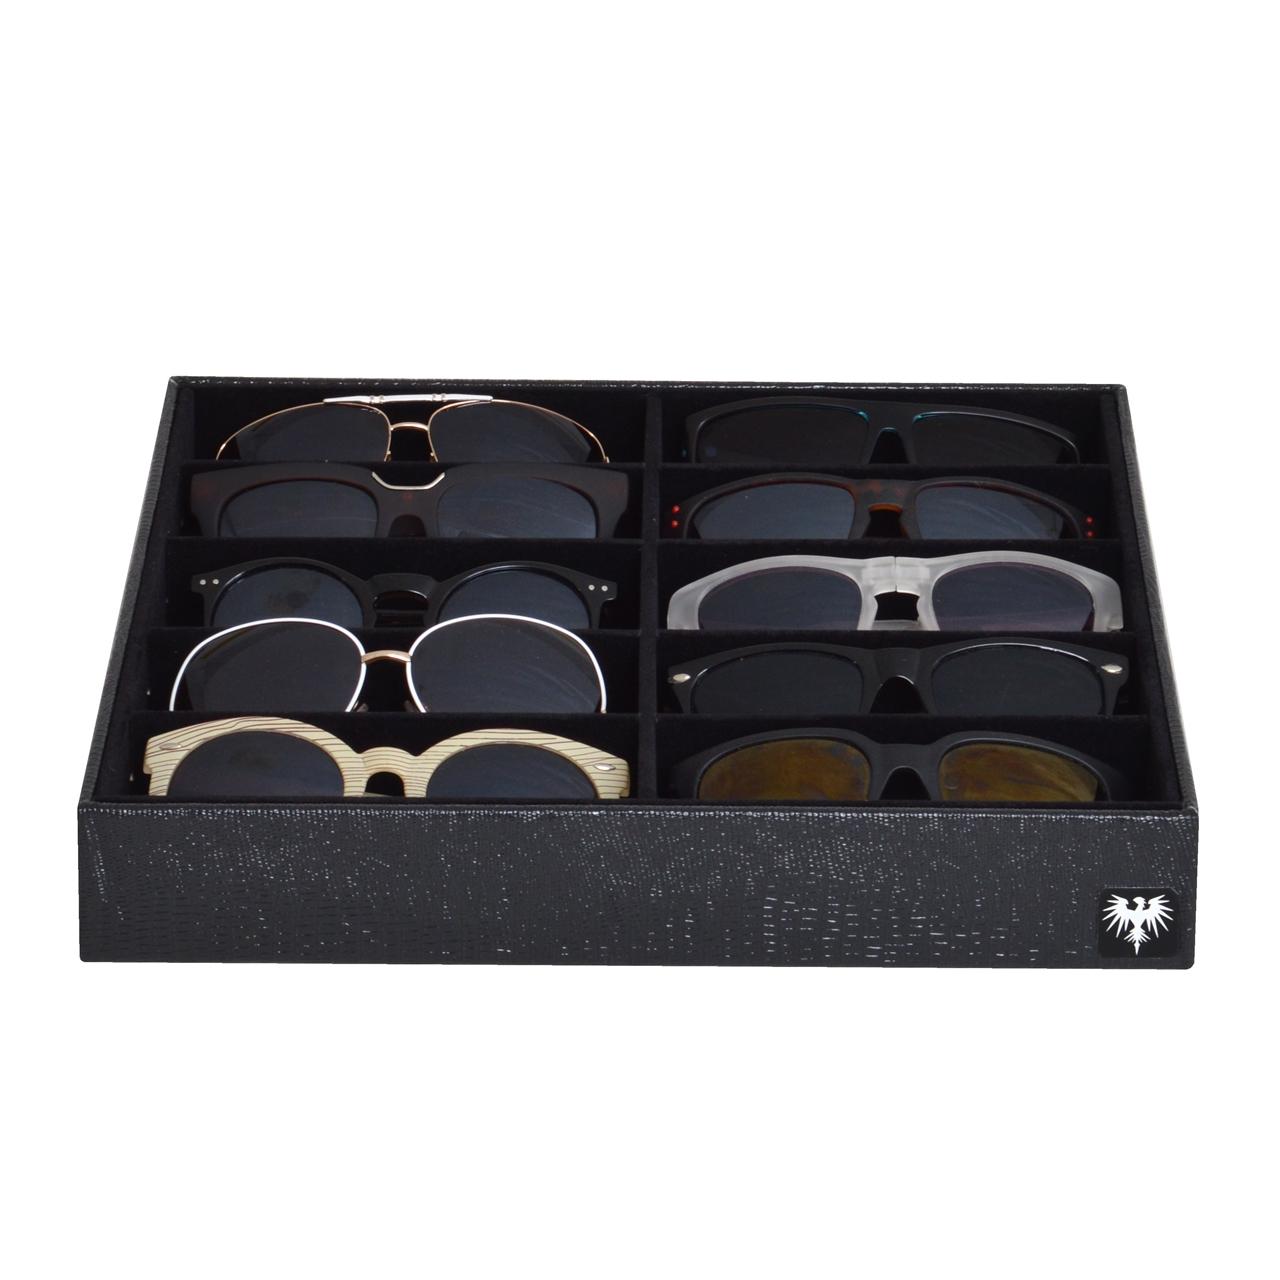 bandeja-couro-ecologico-10-oculos-preto-preto-porta-closet-imagem-1.jpg